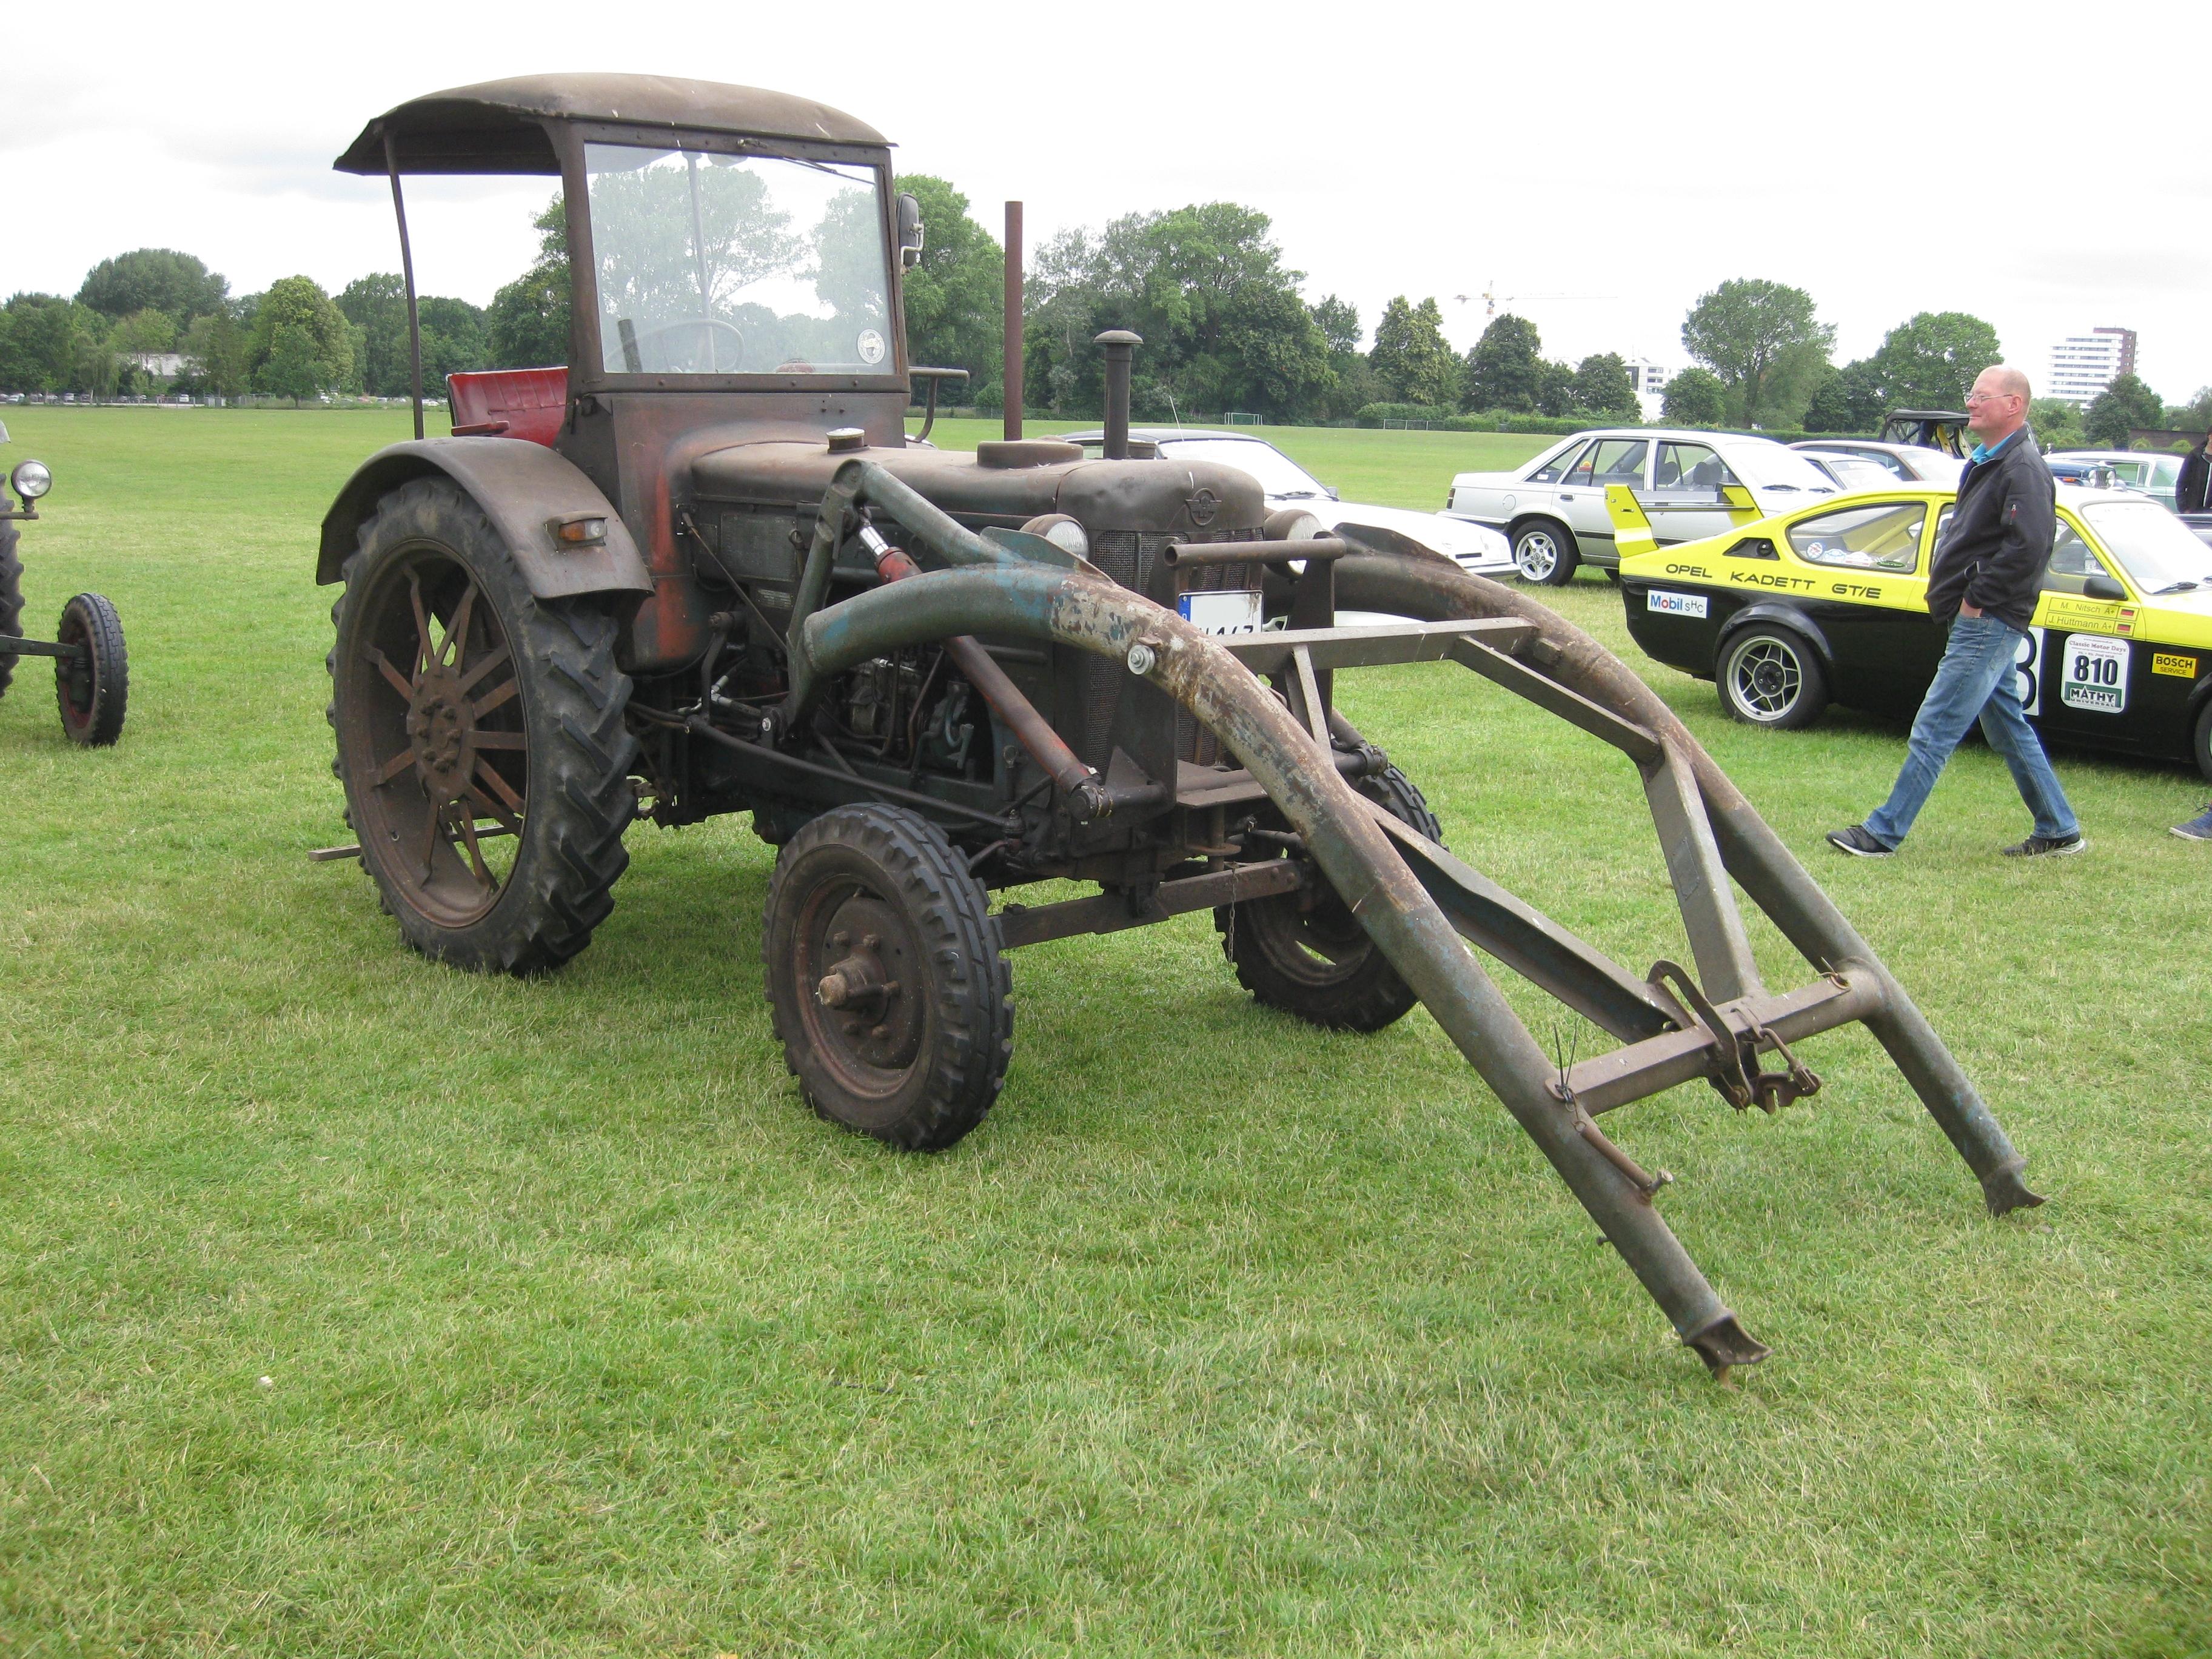 FileHanomag Traktor Frontladerjpg - Wikimedia Commons